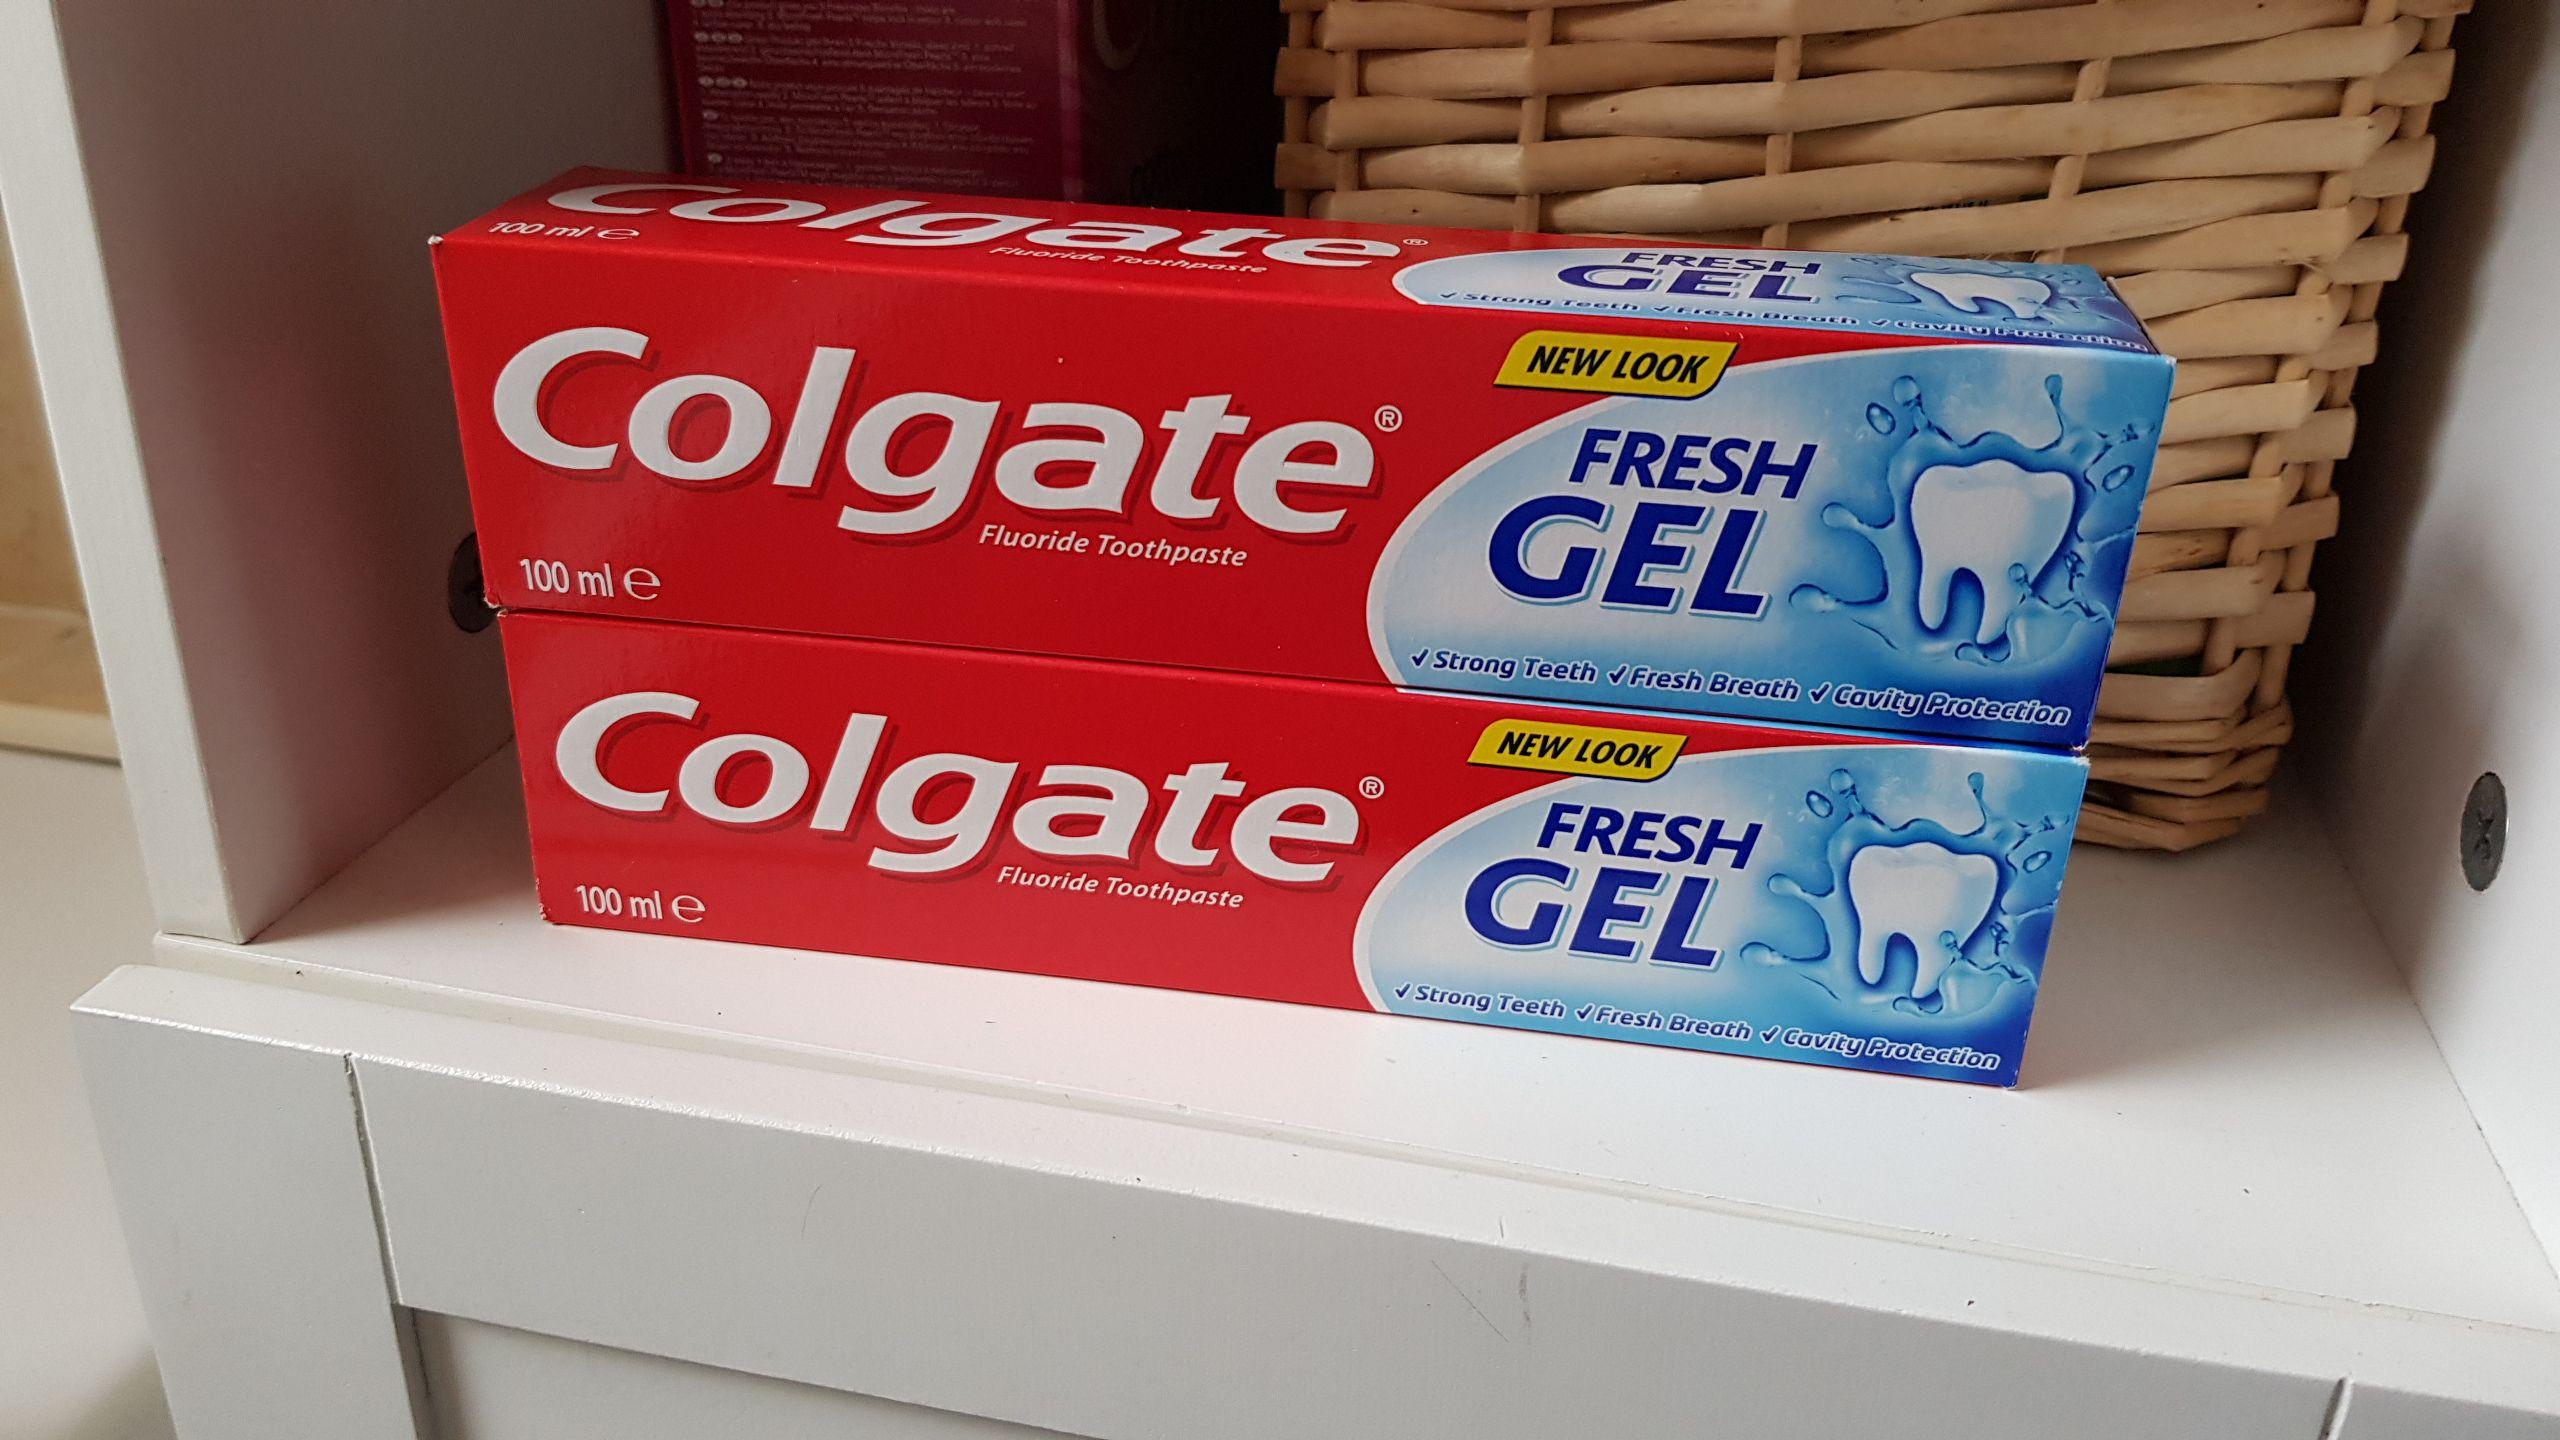 Colgate fresh gel fluoride toothpaste 100ml 80p instore @ Wilko